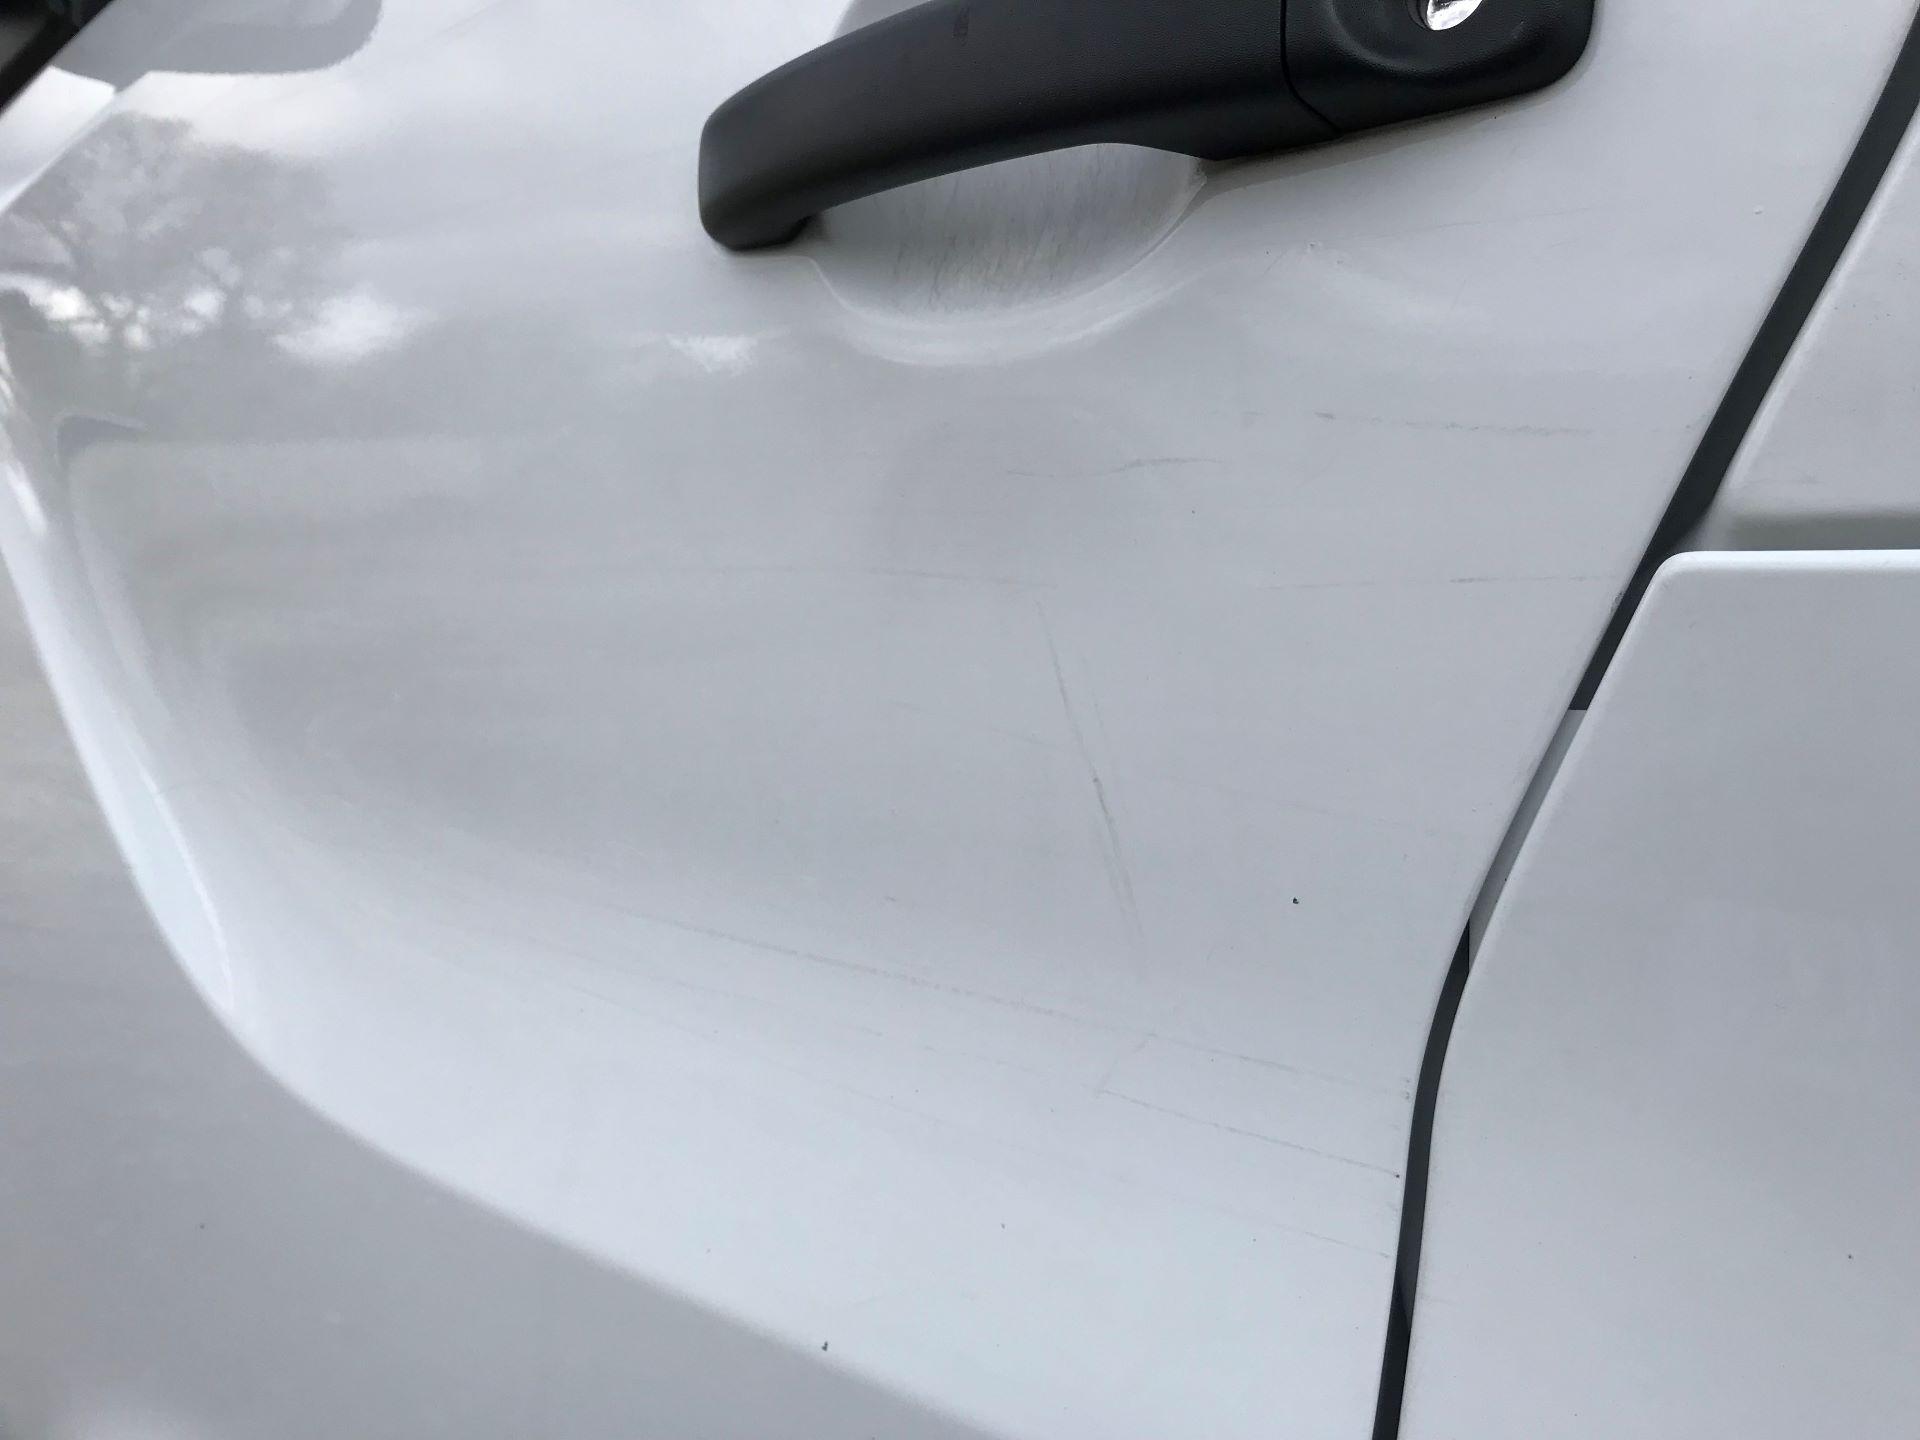 2017 Vauxhall Vivaro L2 H1 2900 1.6CDTI 120PS EURO 6 (DV67LTX) Image 33